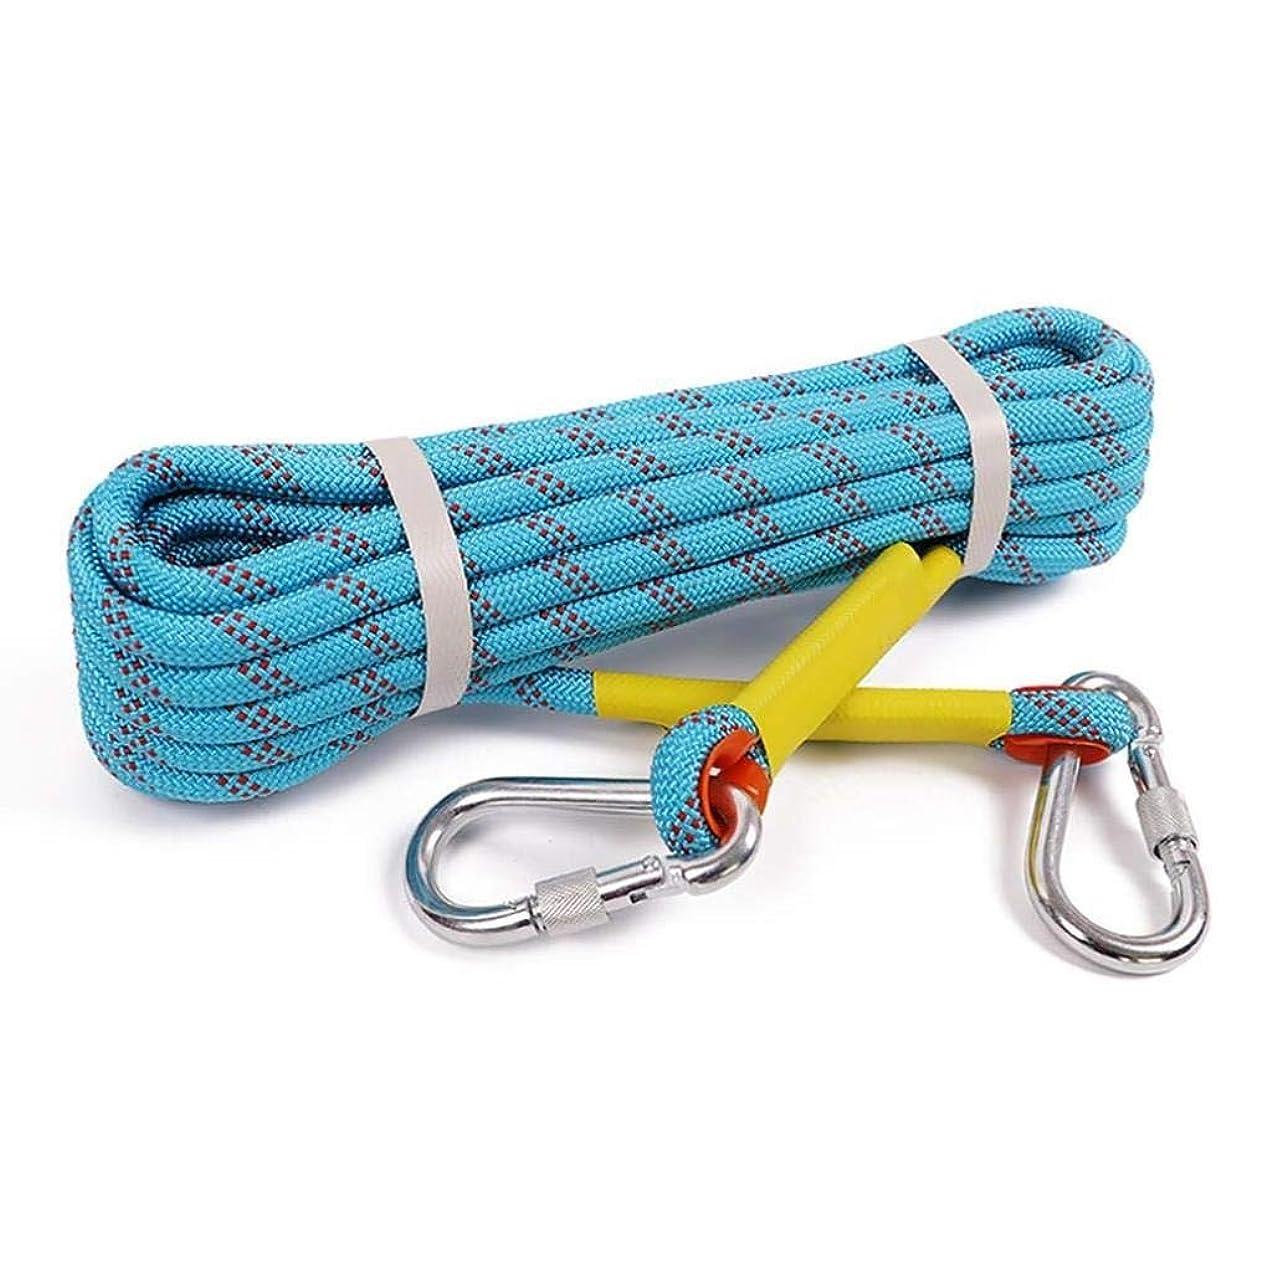 丁寧憂鬱な憂鬱な登山ロープの家の火の緊急脱出ロープ、ハイキングの洞窟探検のキャンプの救助調査および工学保護のための多機能のコードの安全ロープ。 (Color : 青, Size : 10m*8mm)